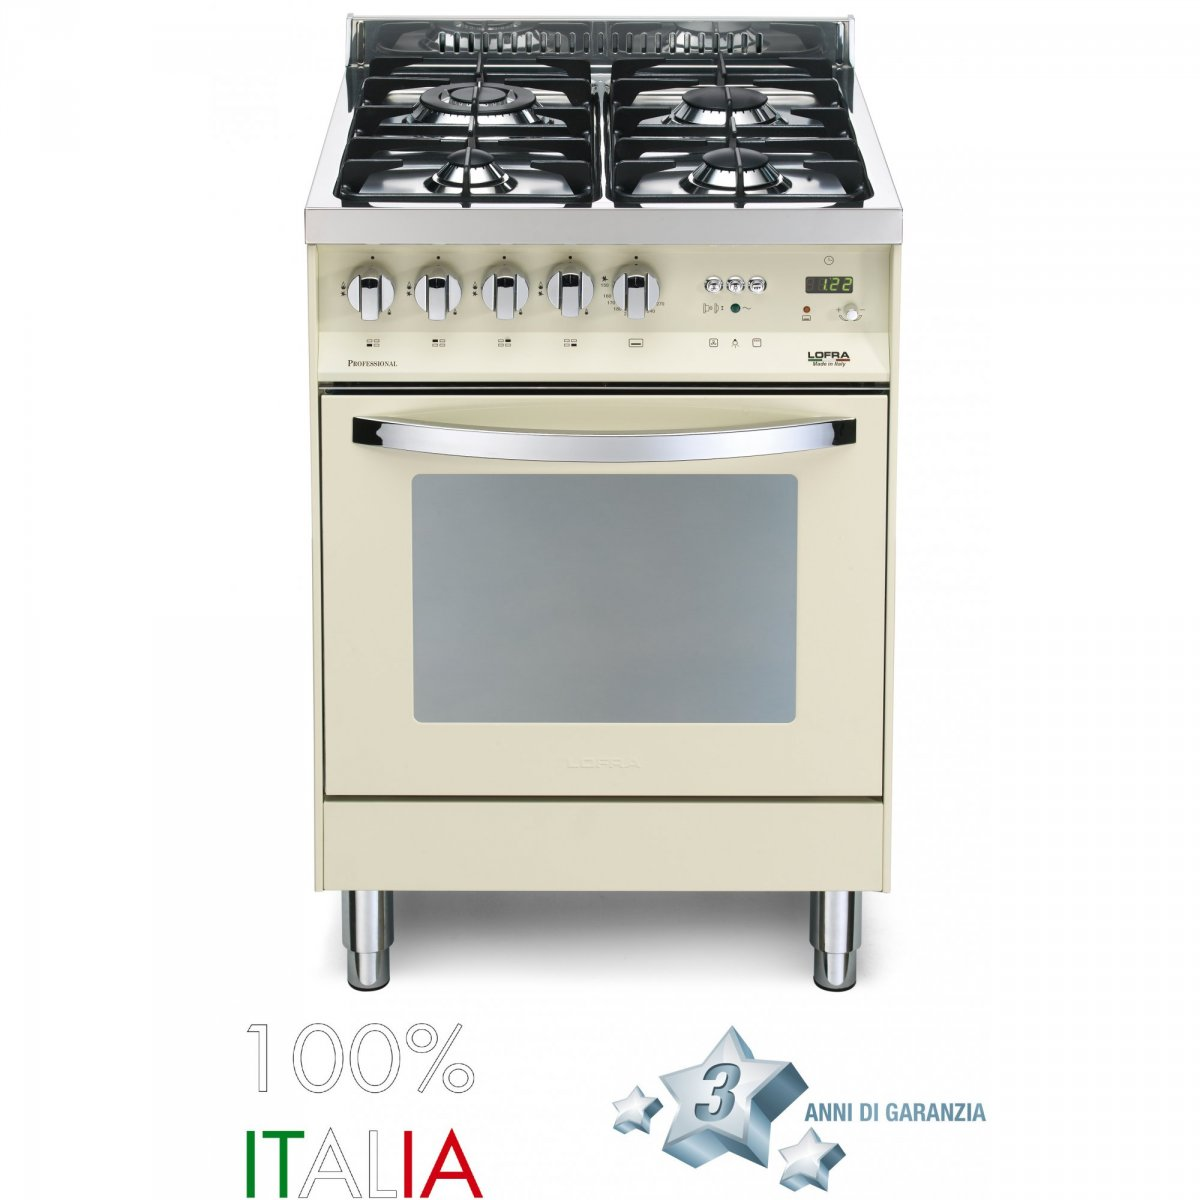 Lofra cucina rainbow 60 avorio 4 fuochi forno elettrico pbi66mftc lofra elettrodomestici cucine - Cucine a gas ikea ...